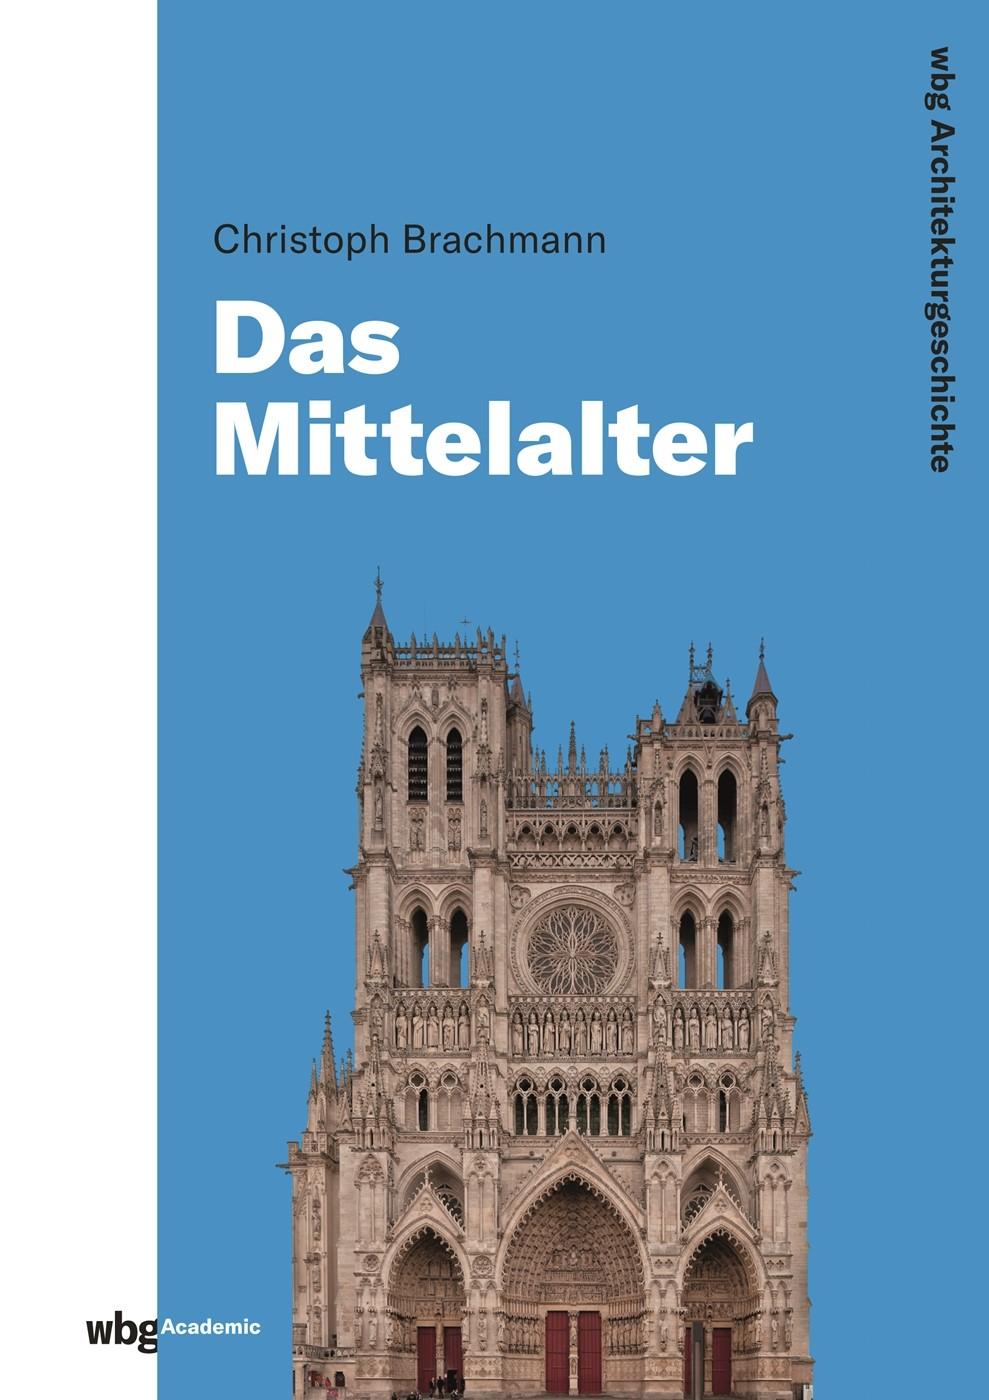 WBG Architekturgeschichte | Brachmann / von Engelberg / Freigang | Sonderausgabe, 2., unveränd. Aufl., 2018 | Buch (Cover)